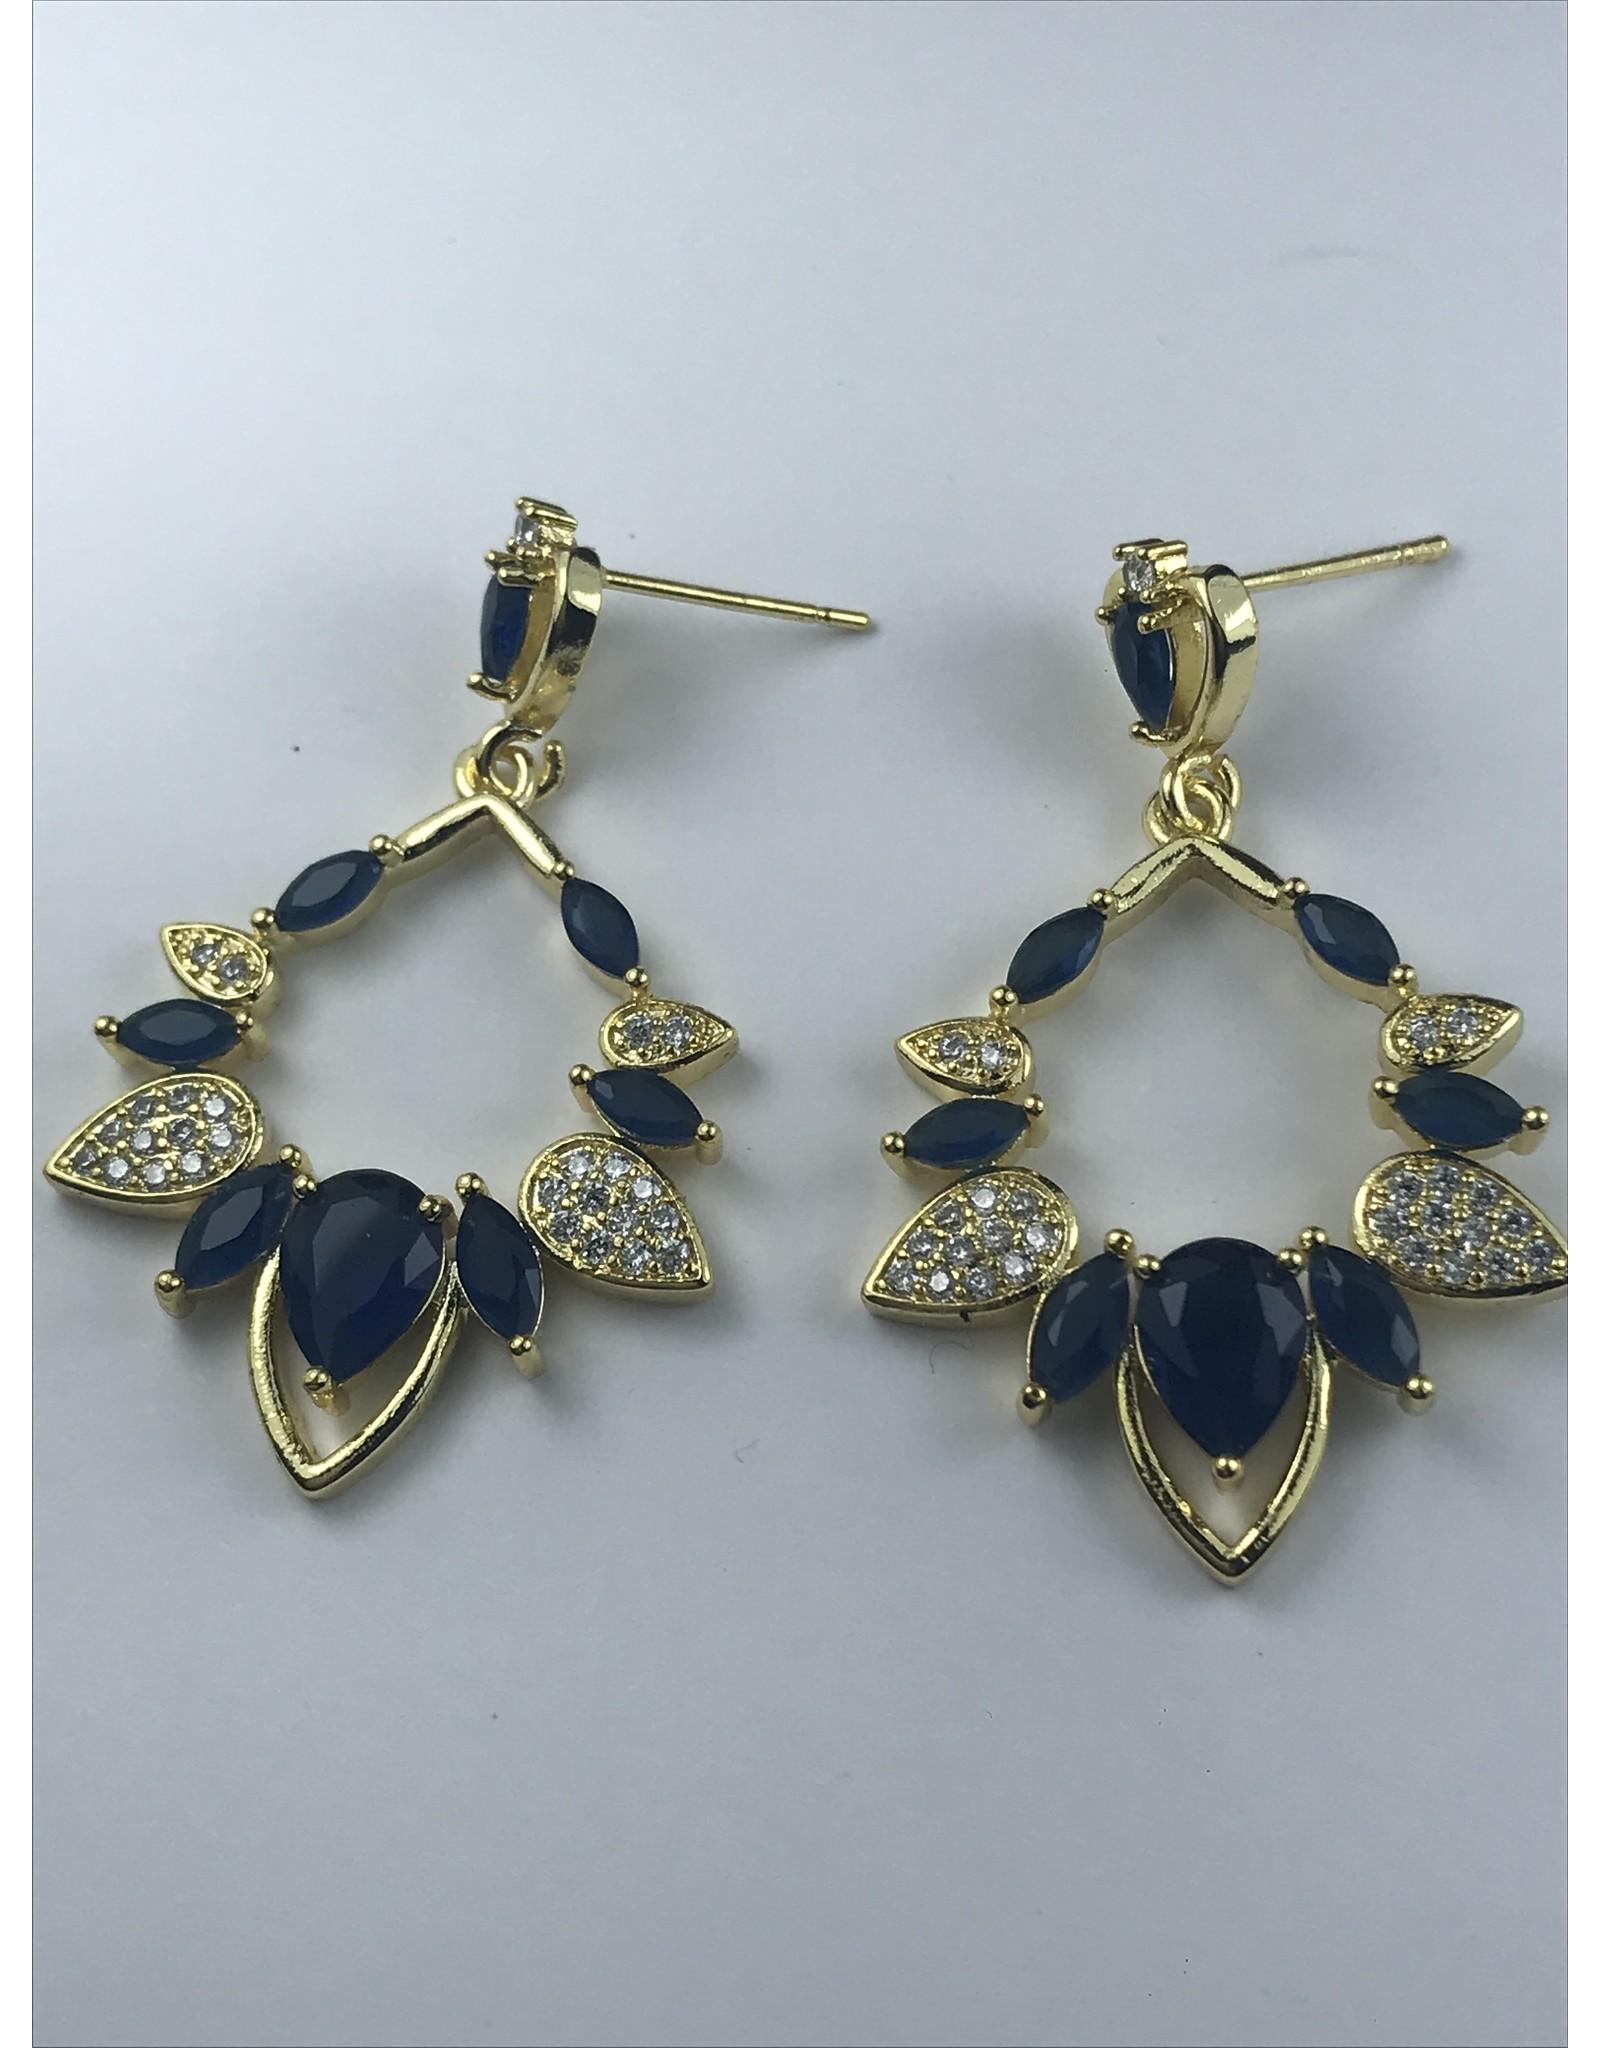 Biba Oorringen goudkleurig met donkerblauw en steentjes